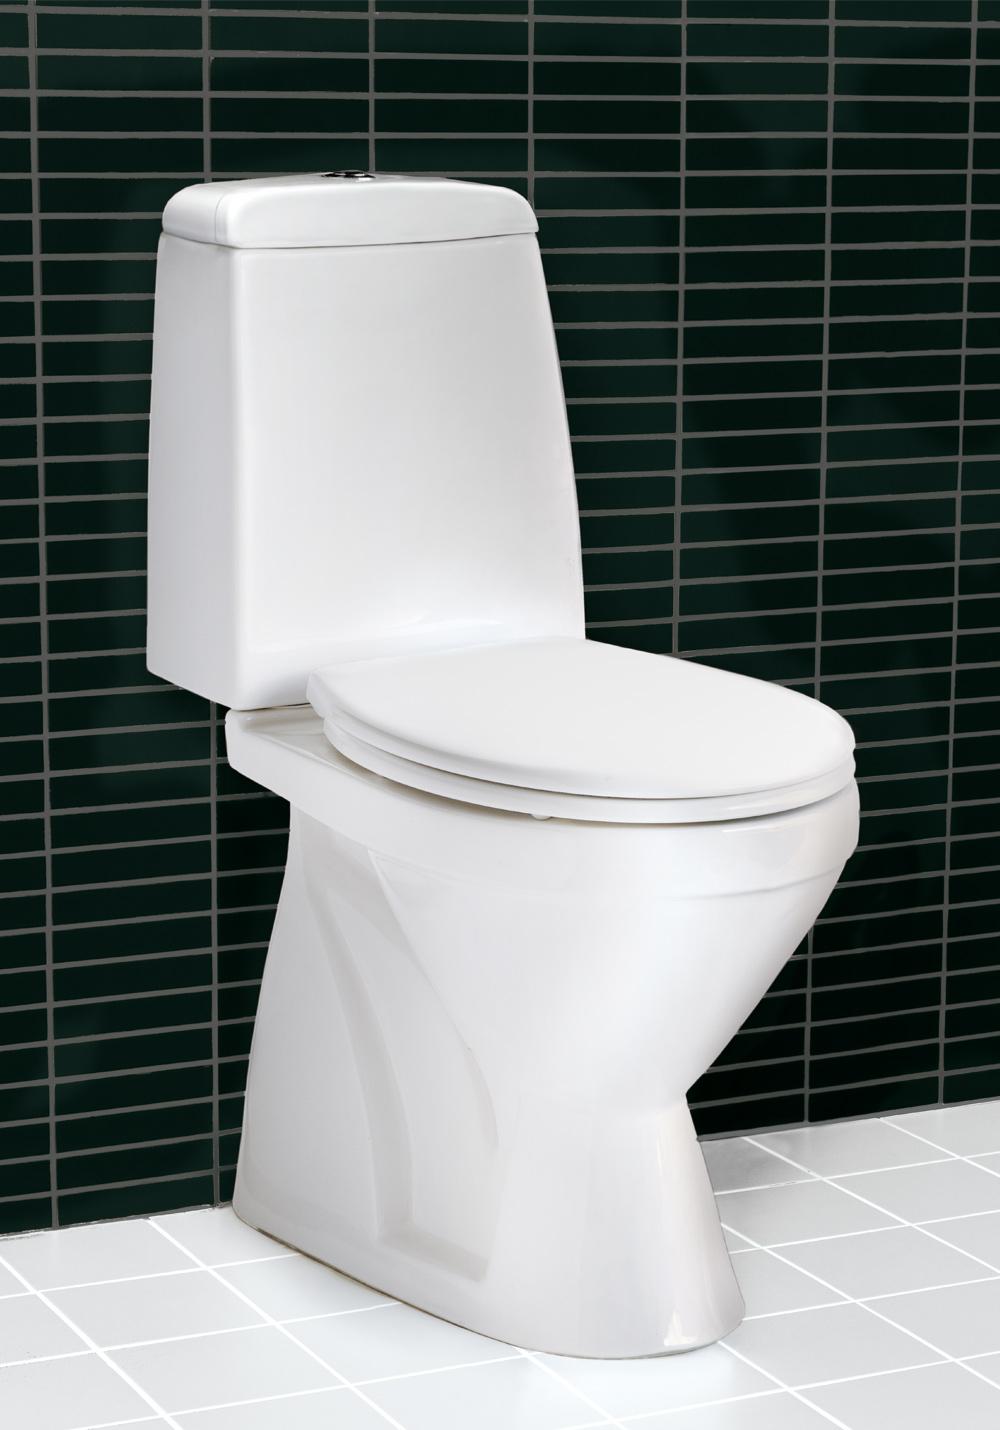 Grattis Toaletter Ungdomar Se Forum